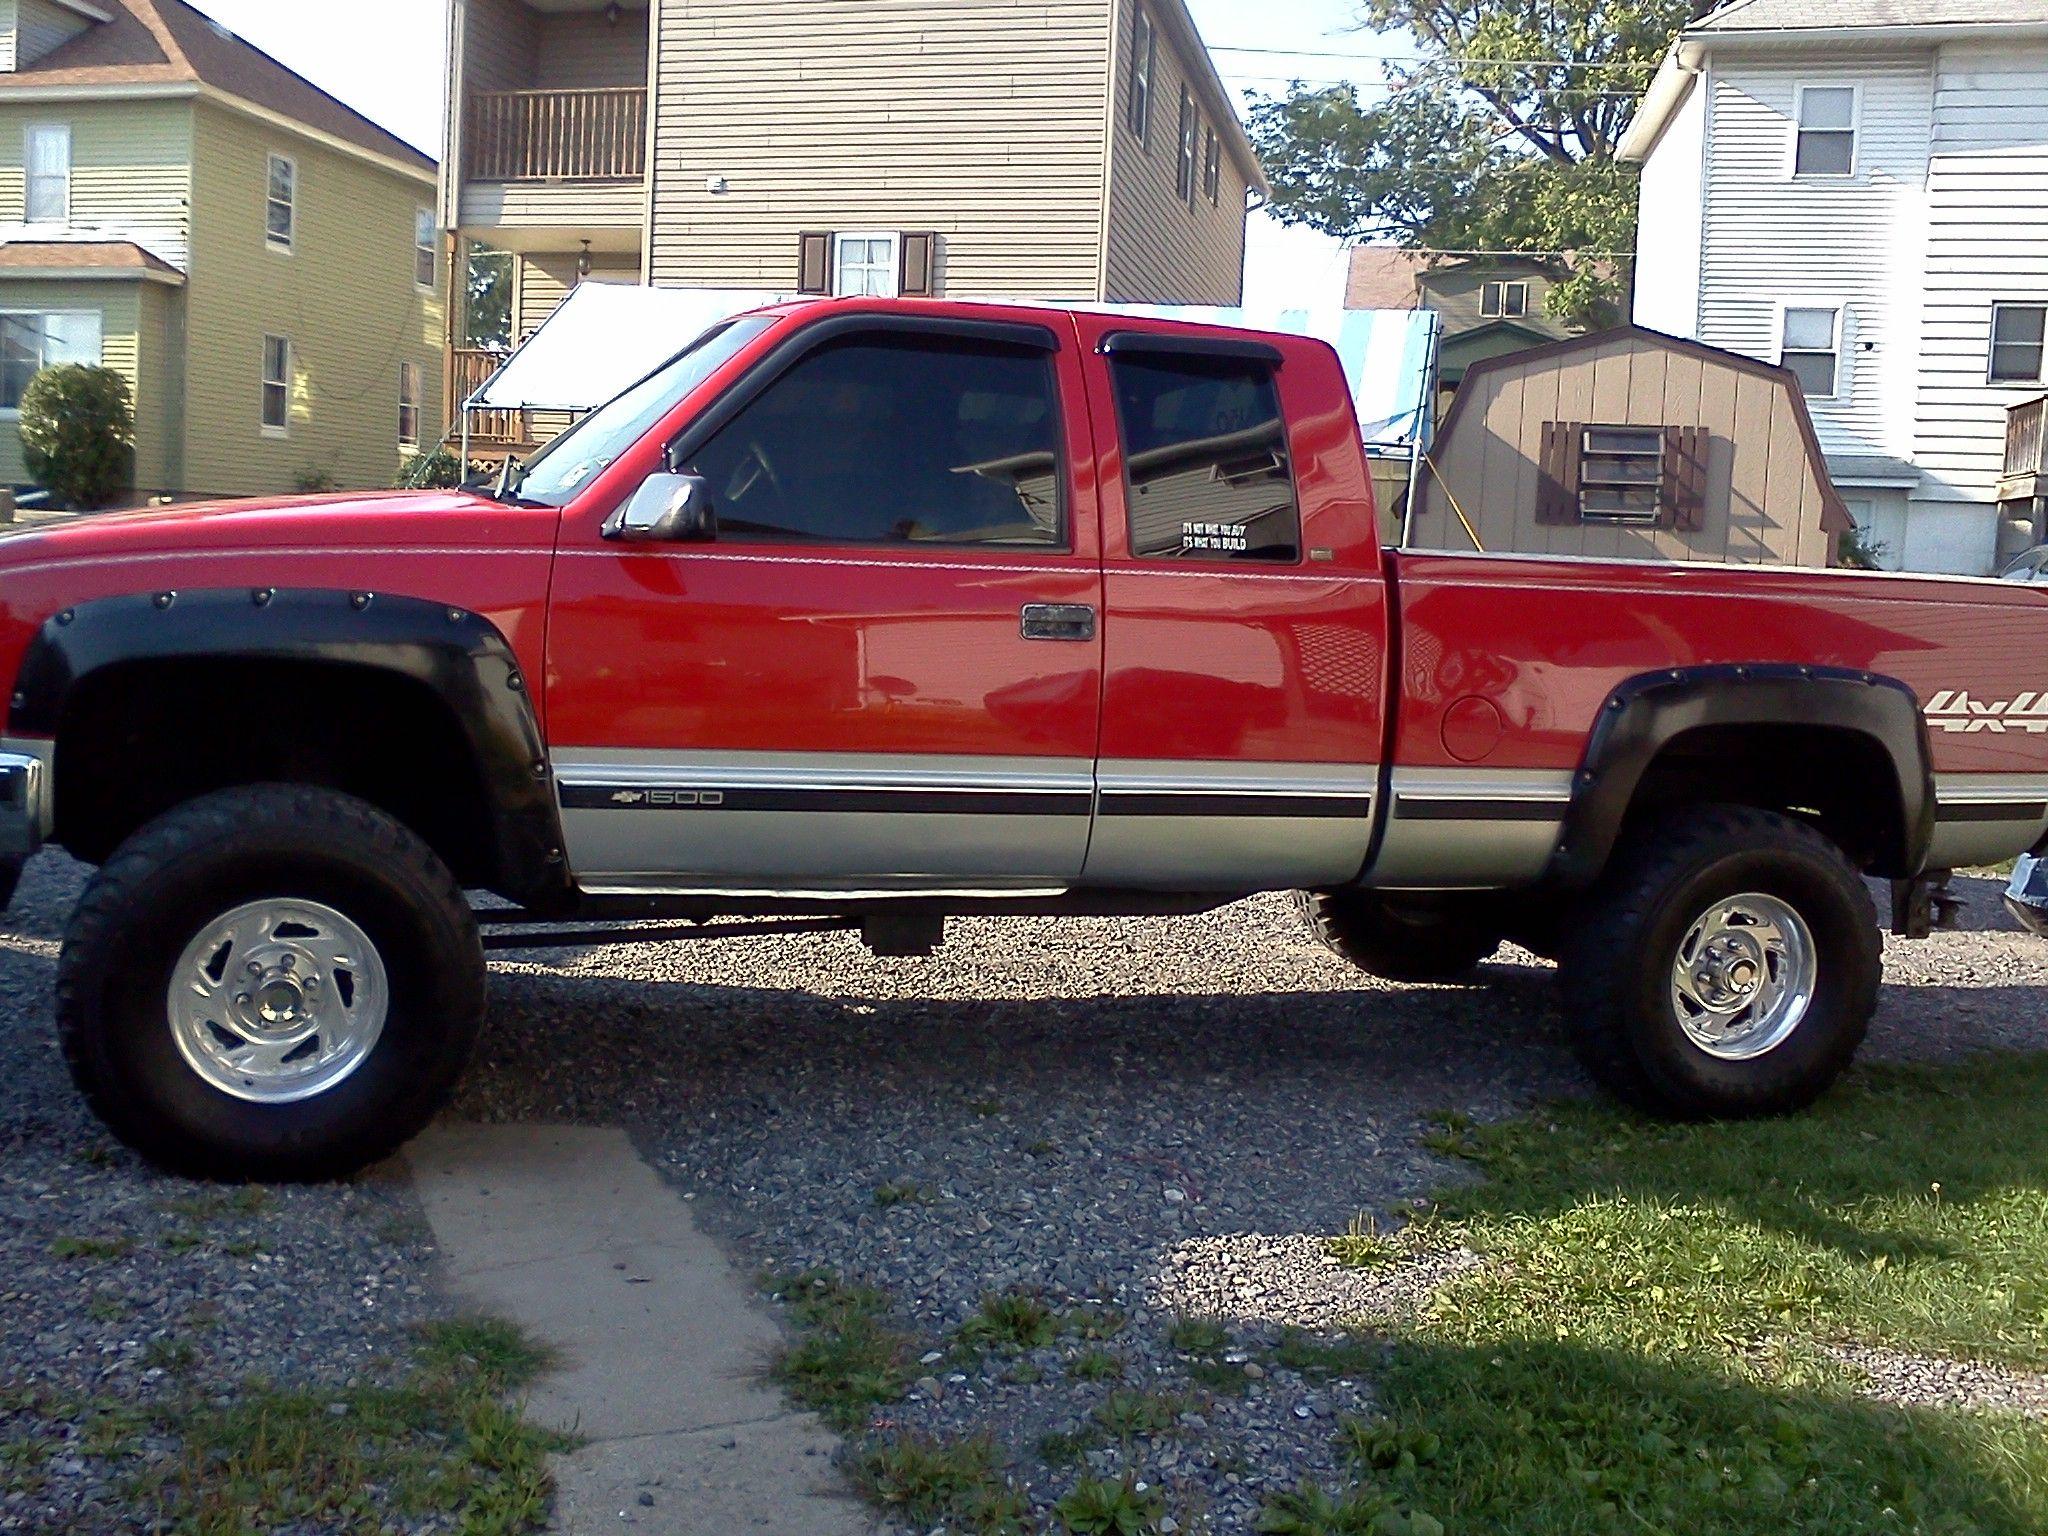 1997 chevy truck in van halen s garage sale in st marys pa for 6000 00  [ 2048 x 1536 Pixel ]